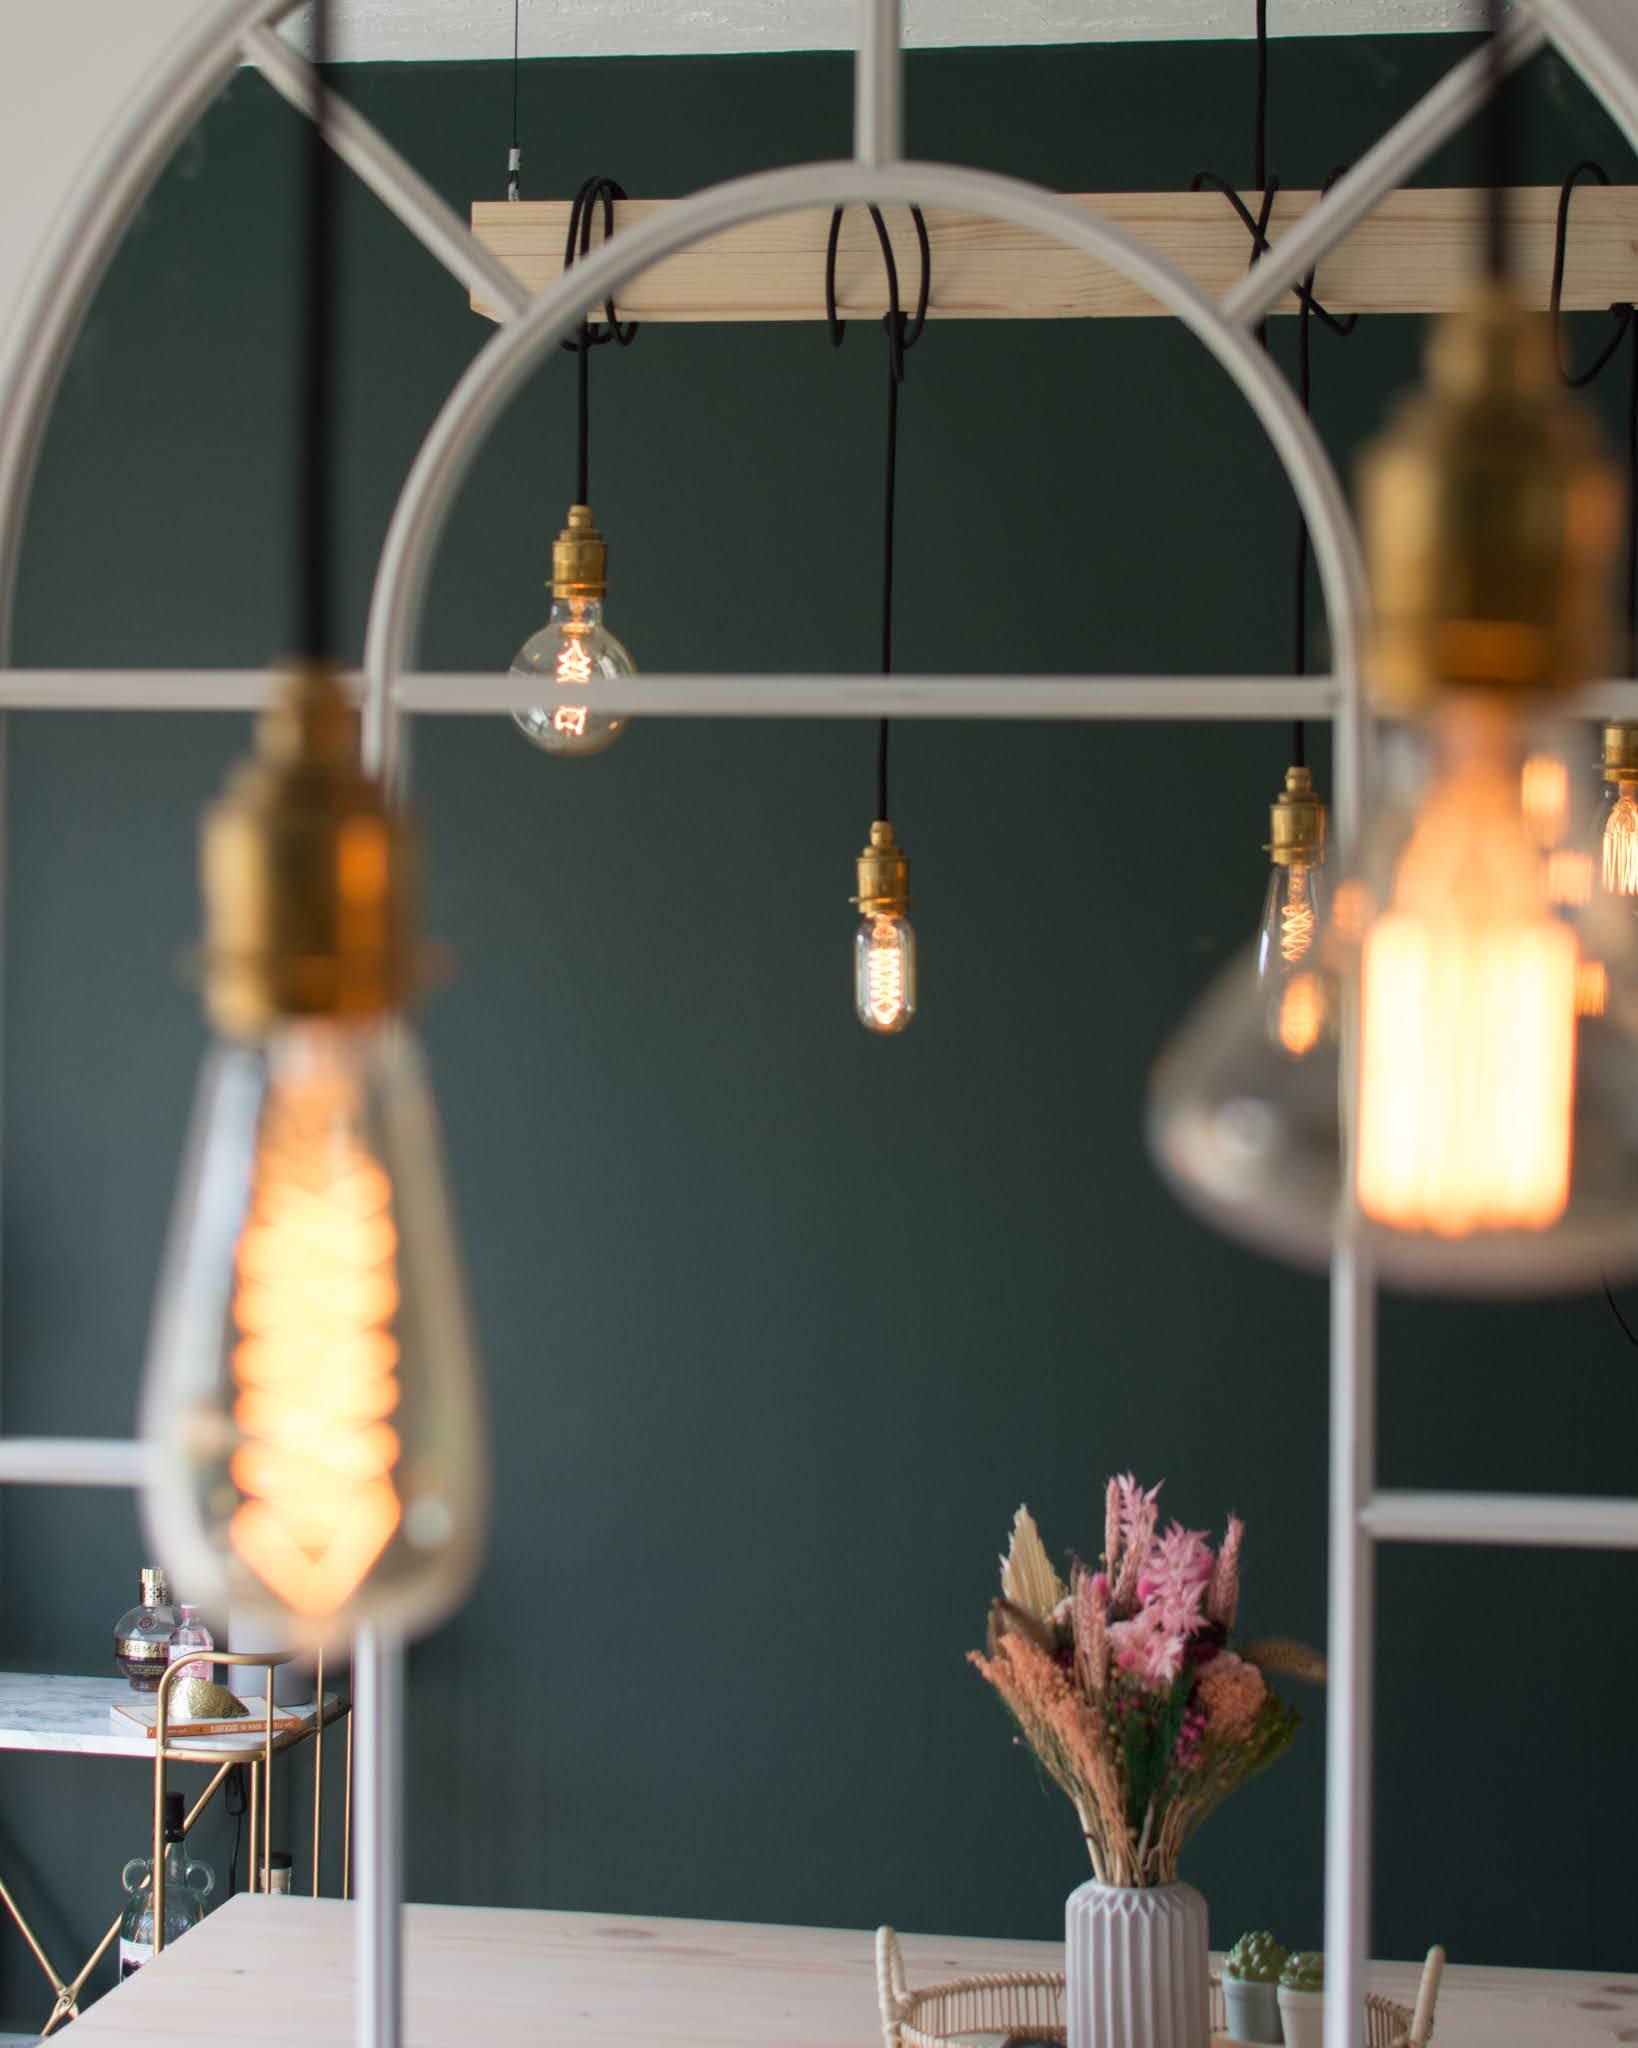 vintage hanging pendent light